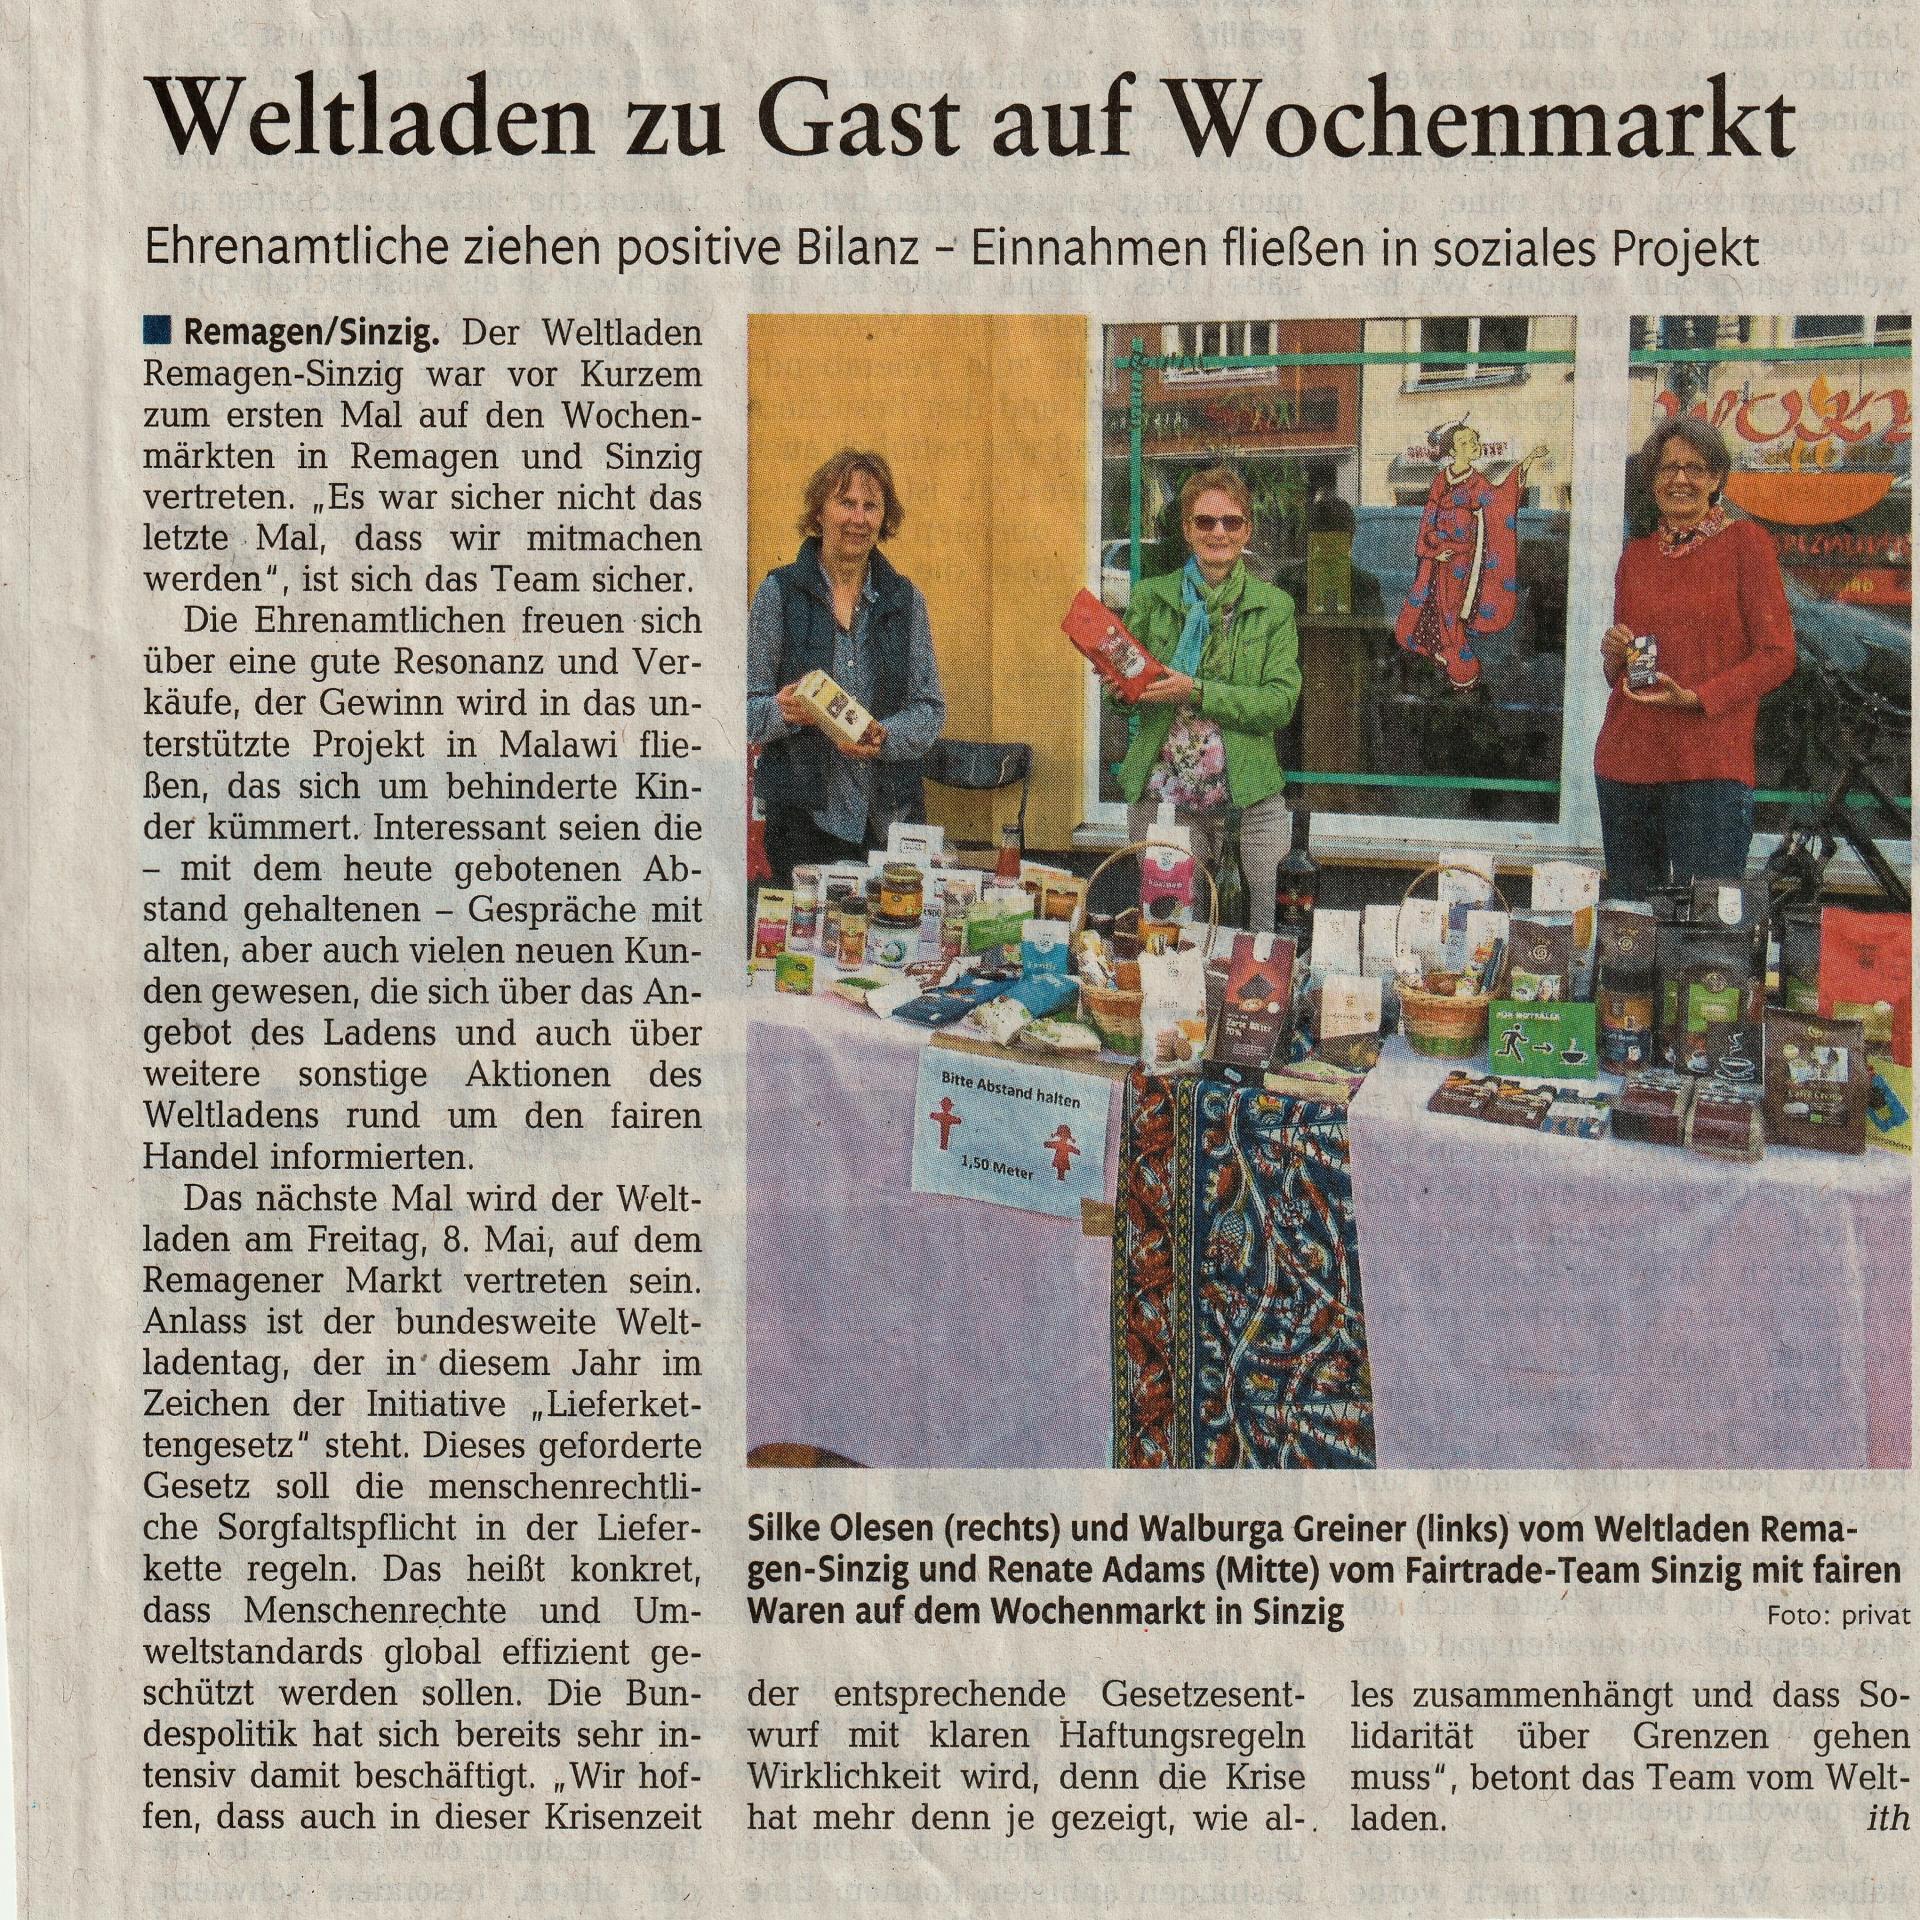 Weltladen auf dem Wochenmarkt